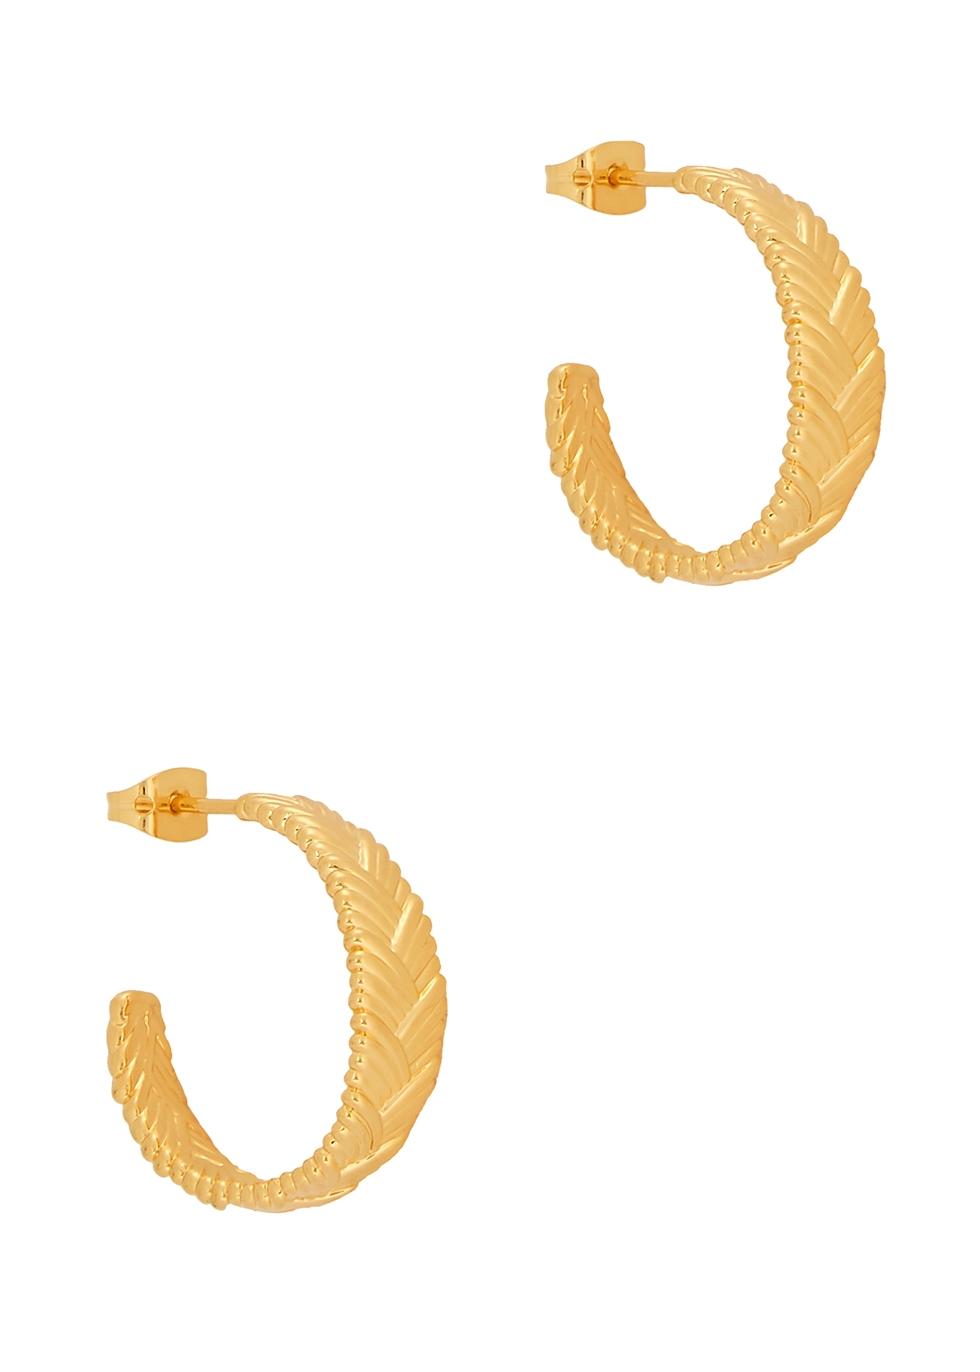 Braid Medium 18kt gold-plated hoop earrings